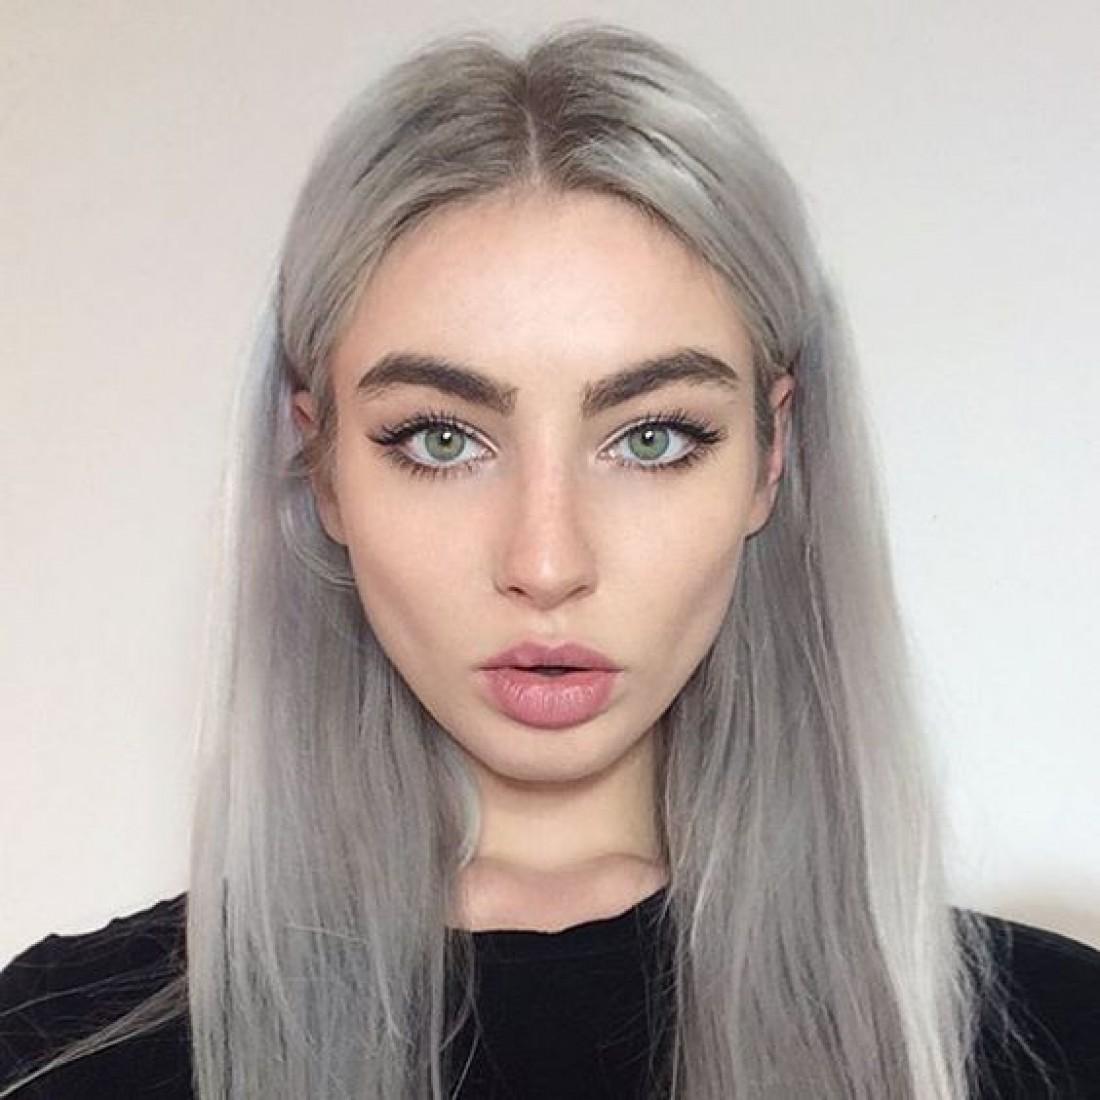 Лунный календарь окрашивания волос на февраль 2020